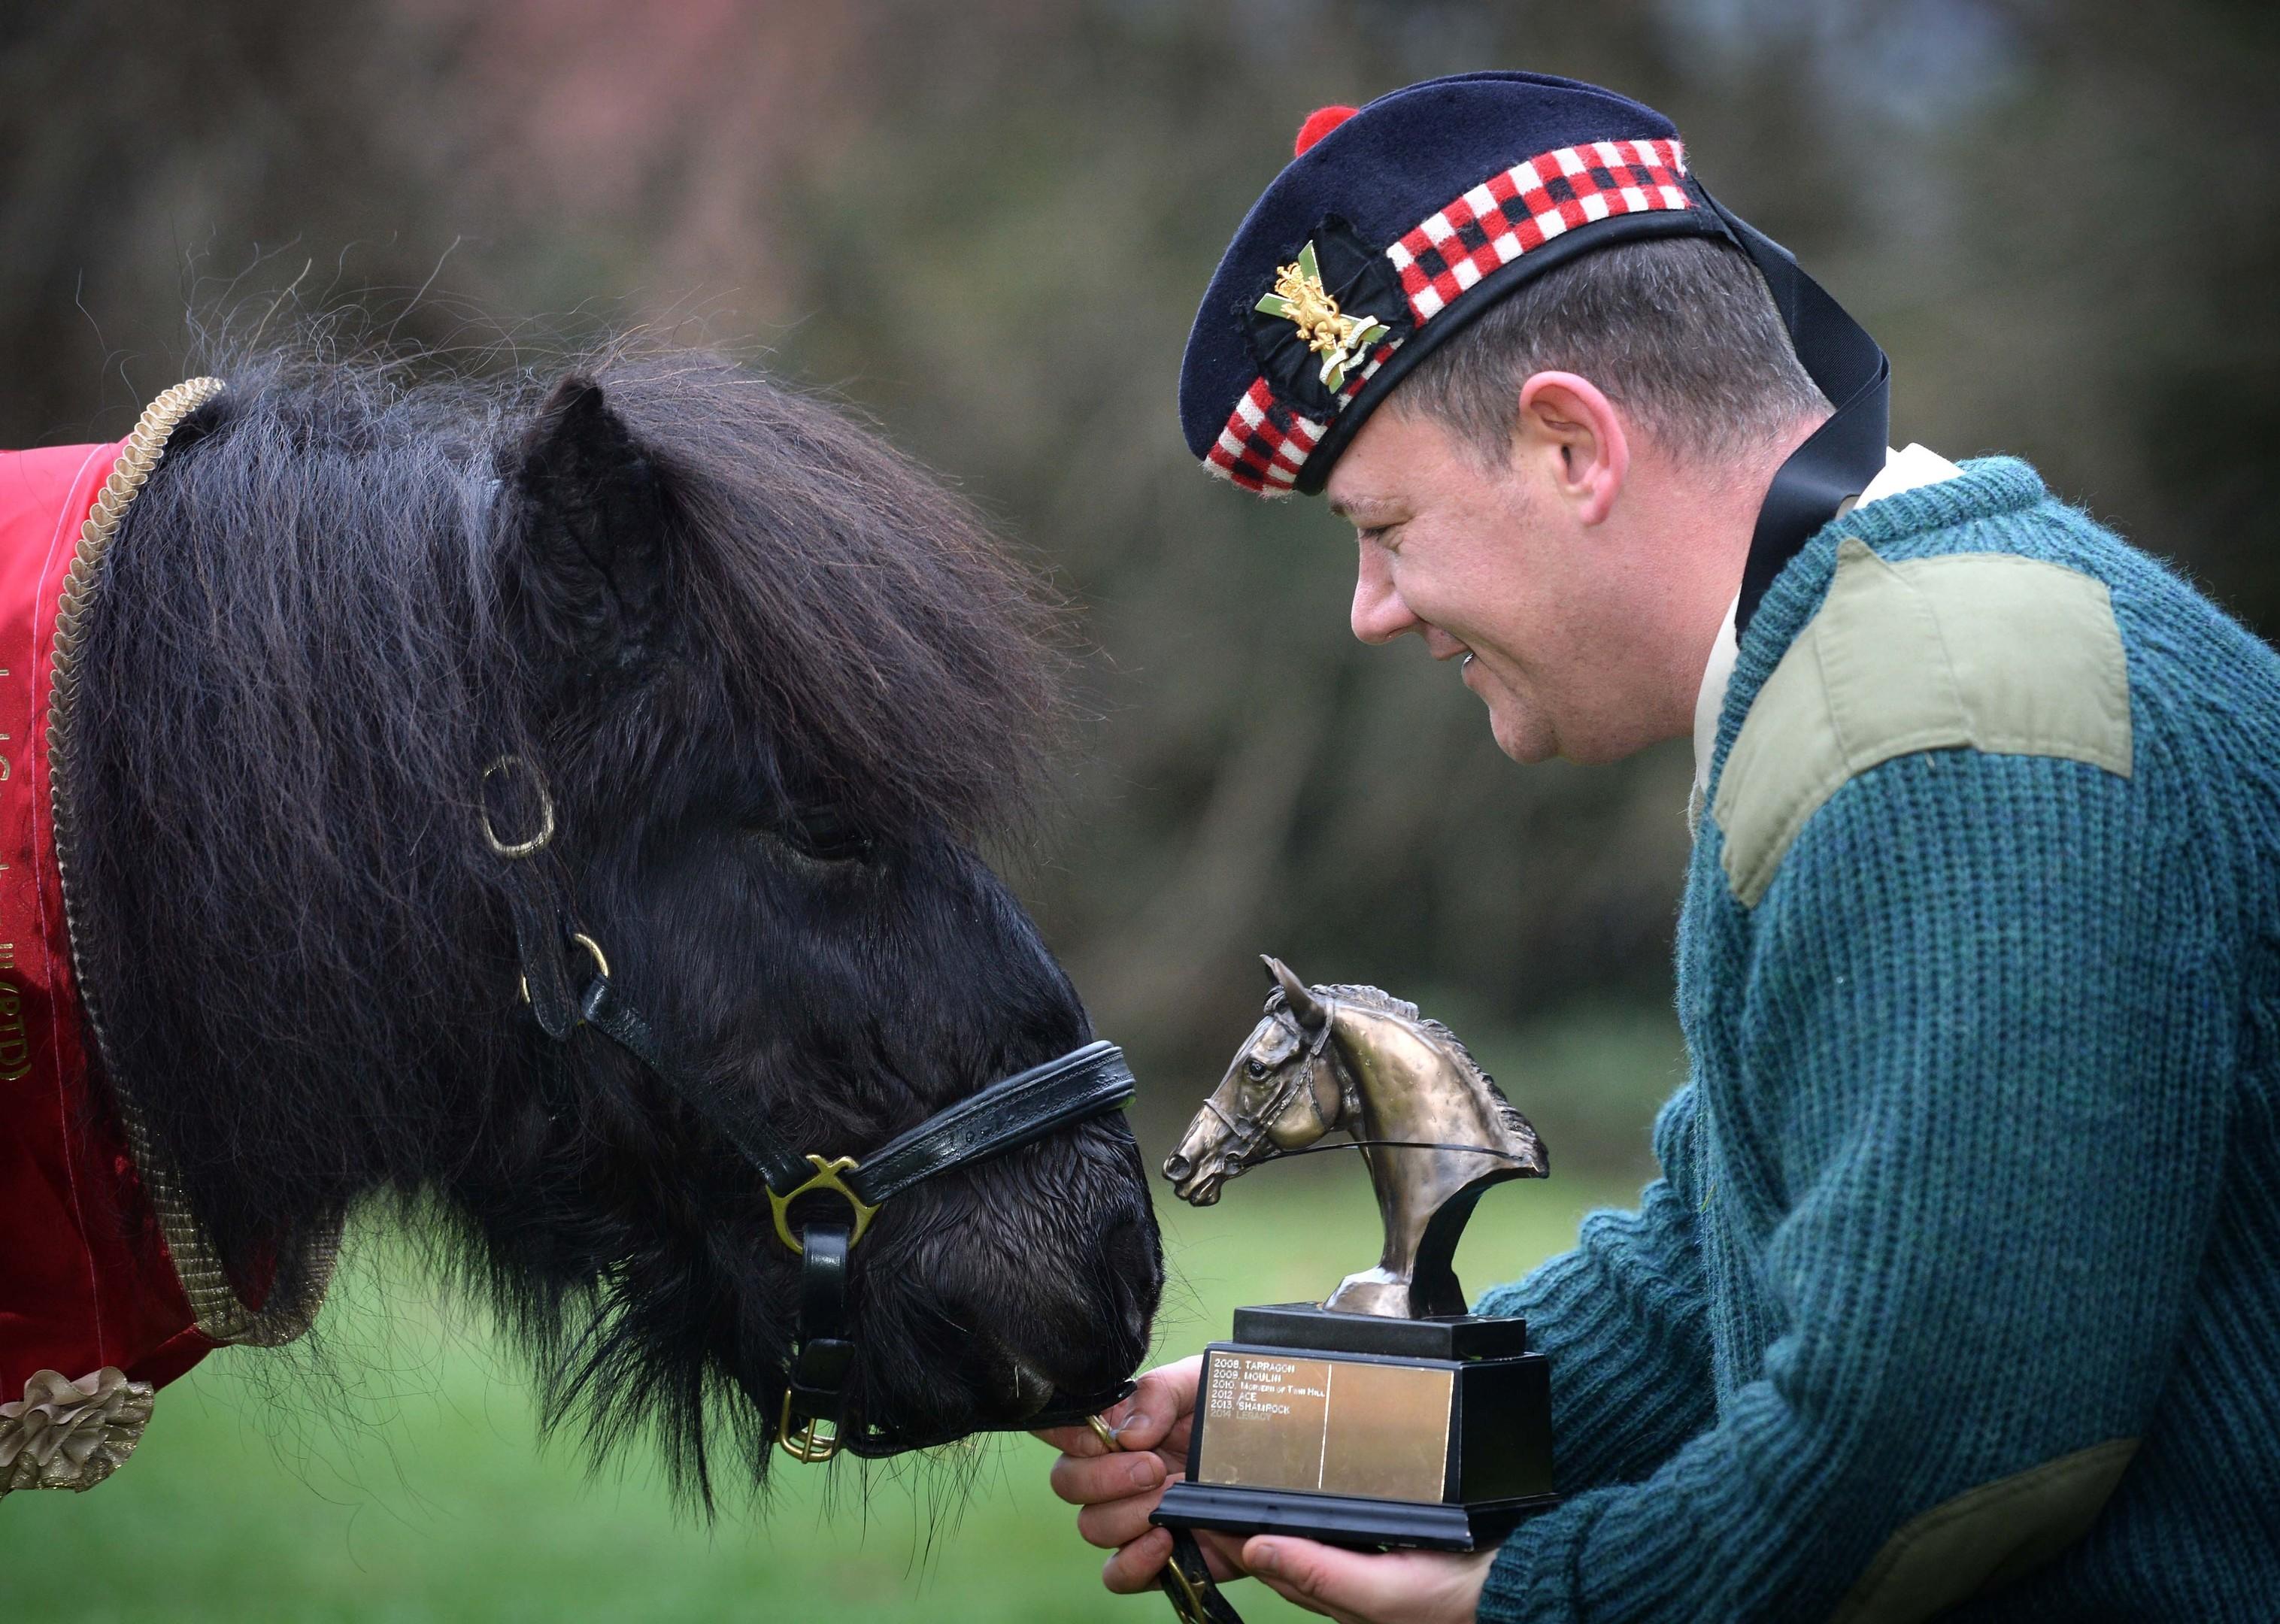 Cruachan III has been given an award